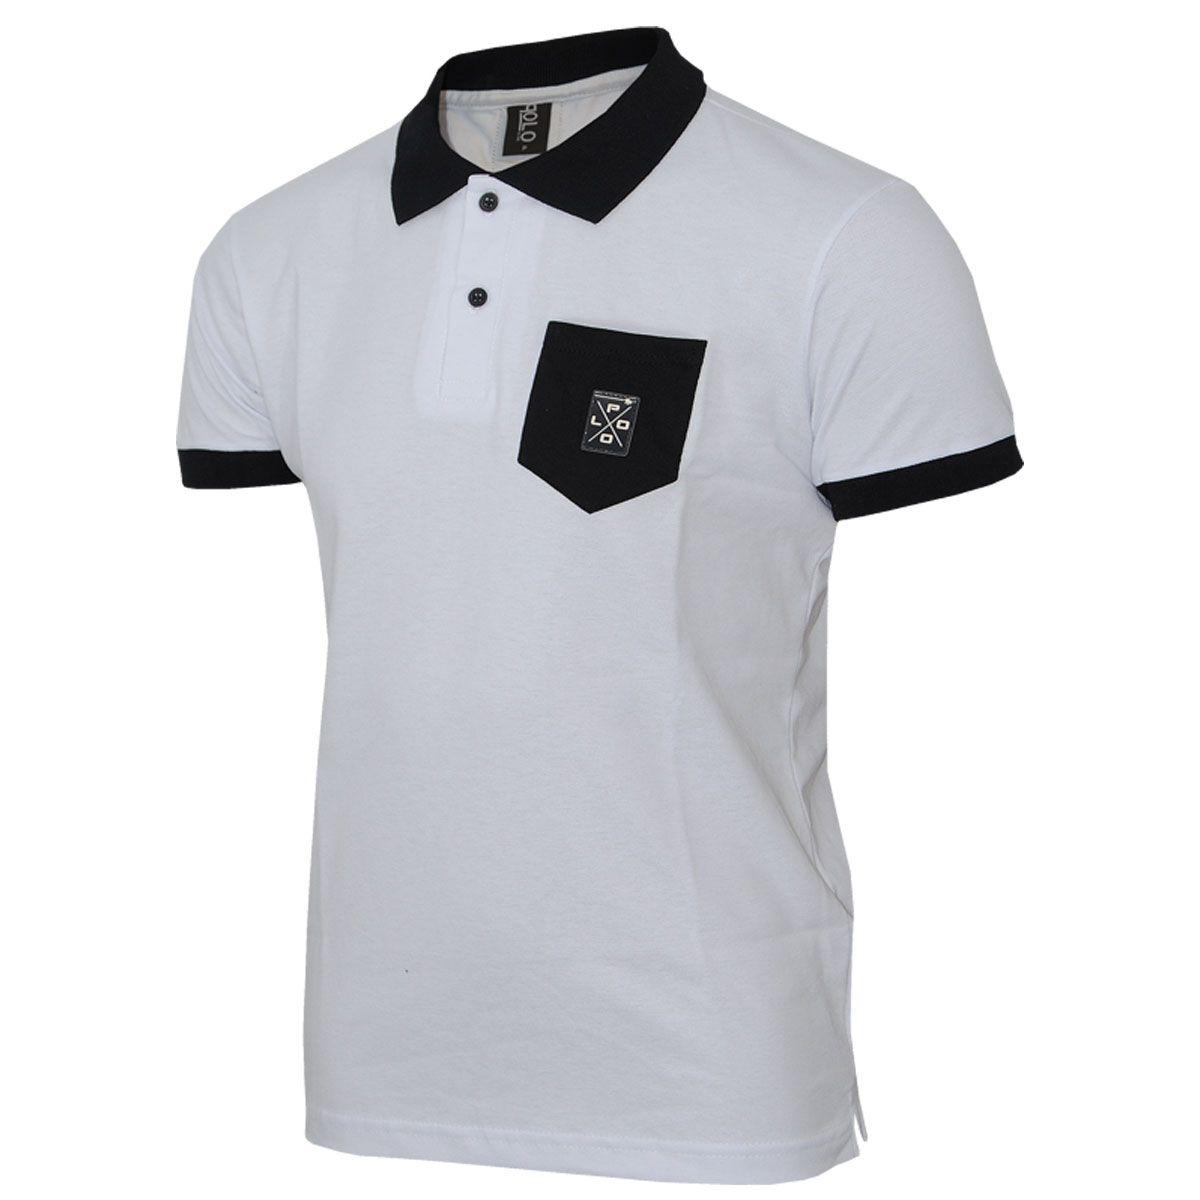 20a88b39d1596 Camisa polo com Bolso e aplique